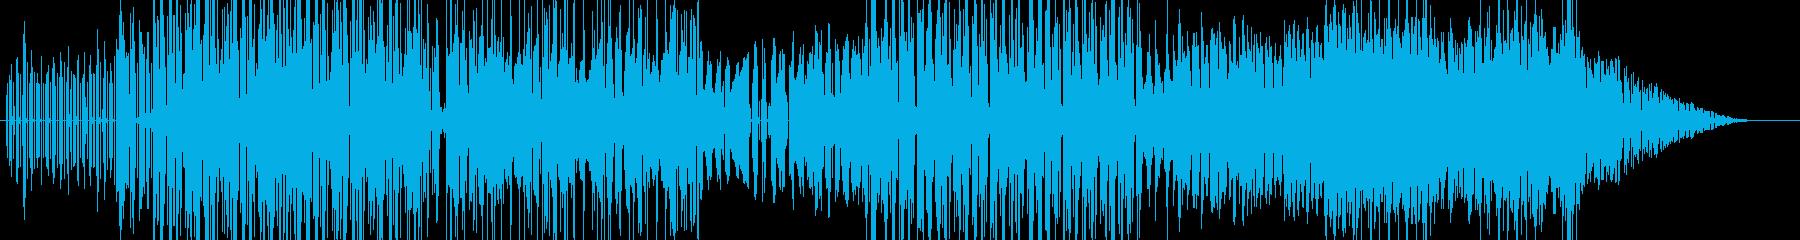 シンセサイザーを使った勢いのあるBGMの再生済みの波形